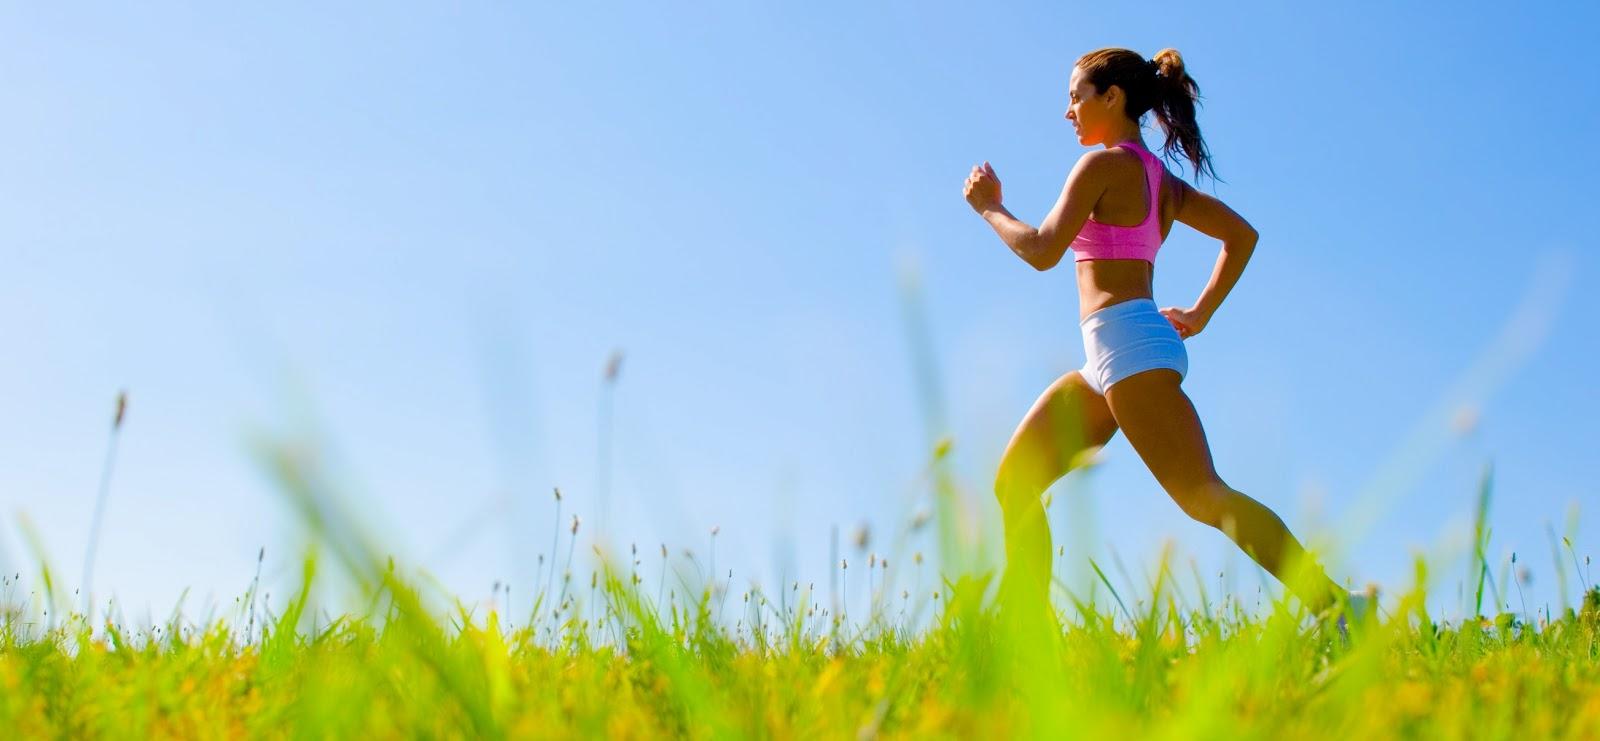 saude-da-mama-praticando-atividades-fisicas.jpg